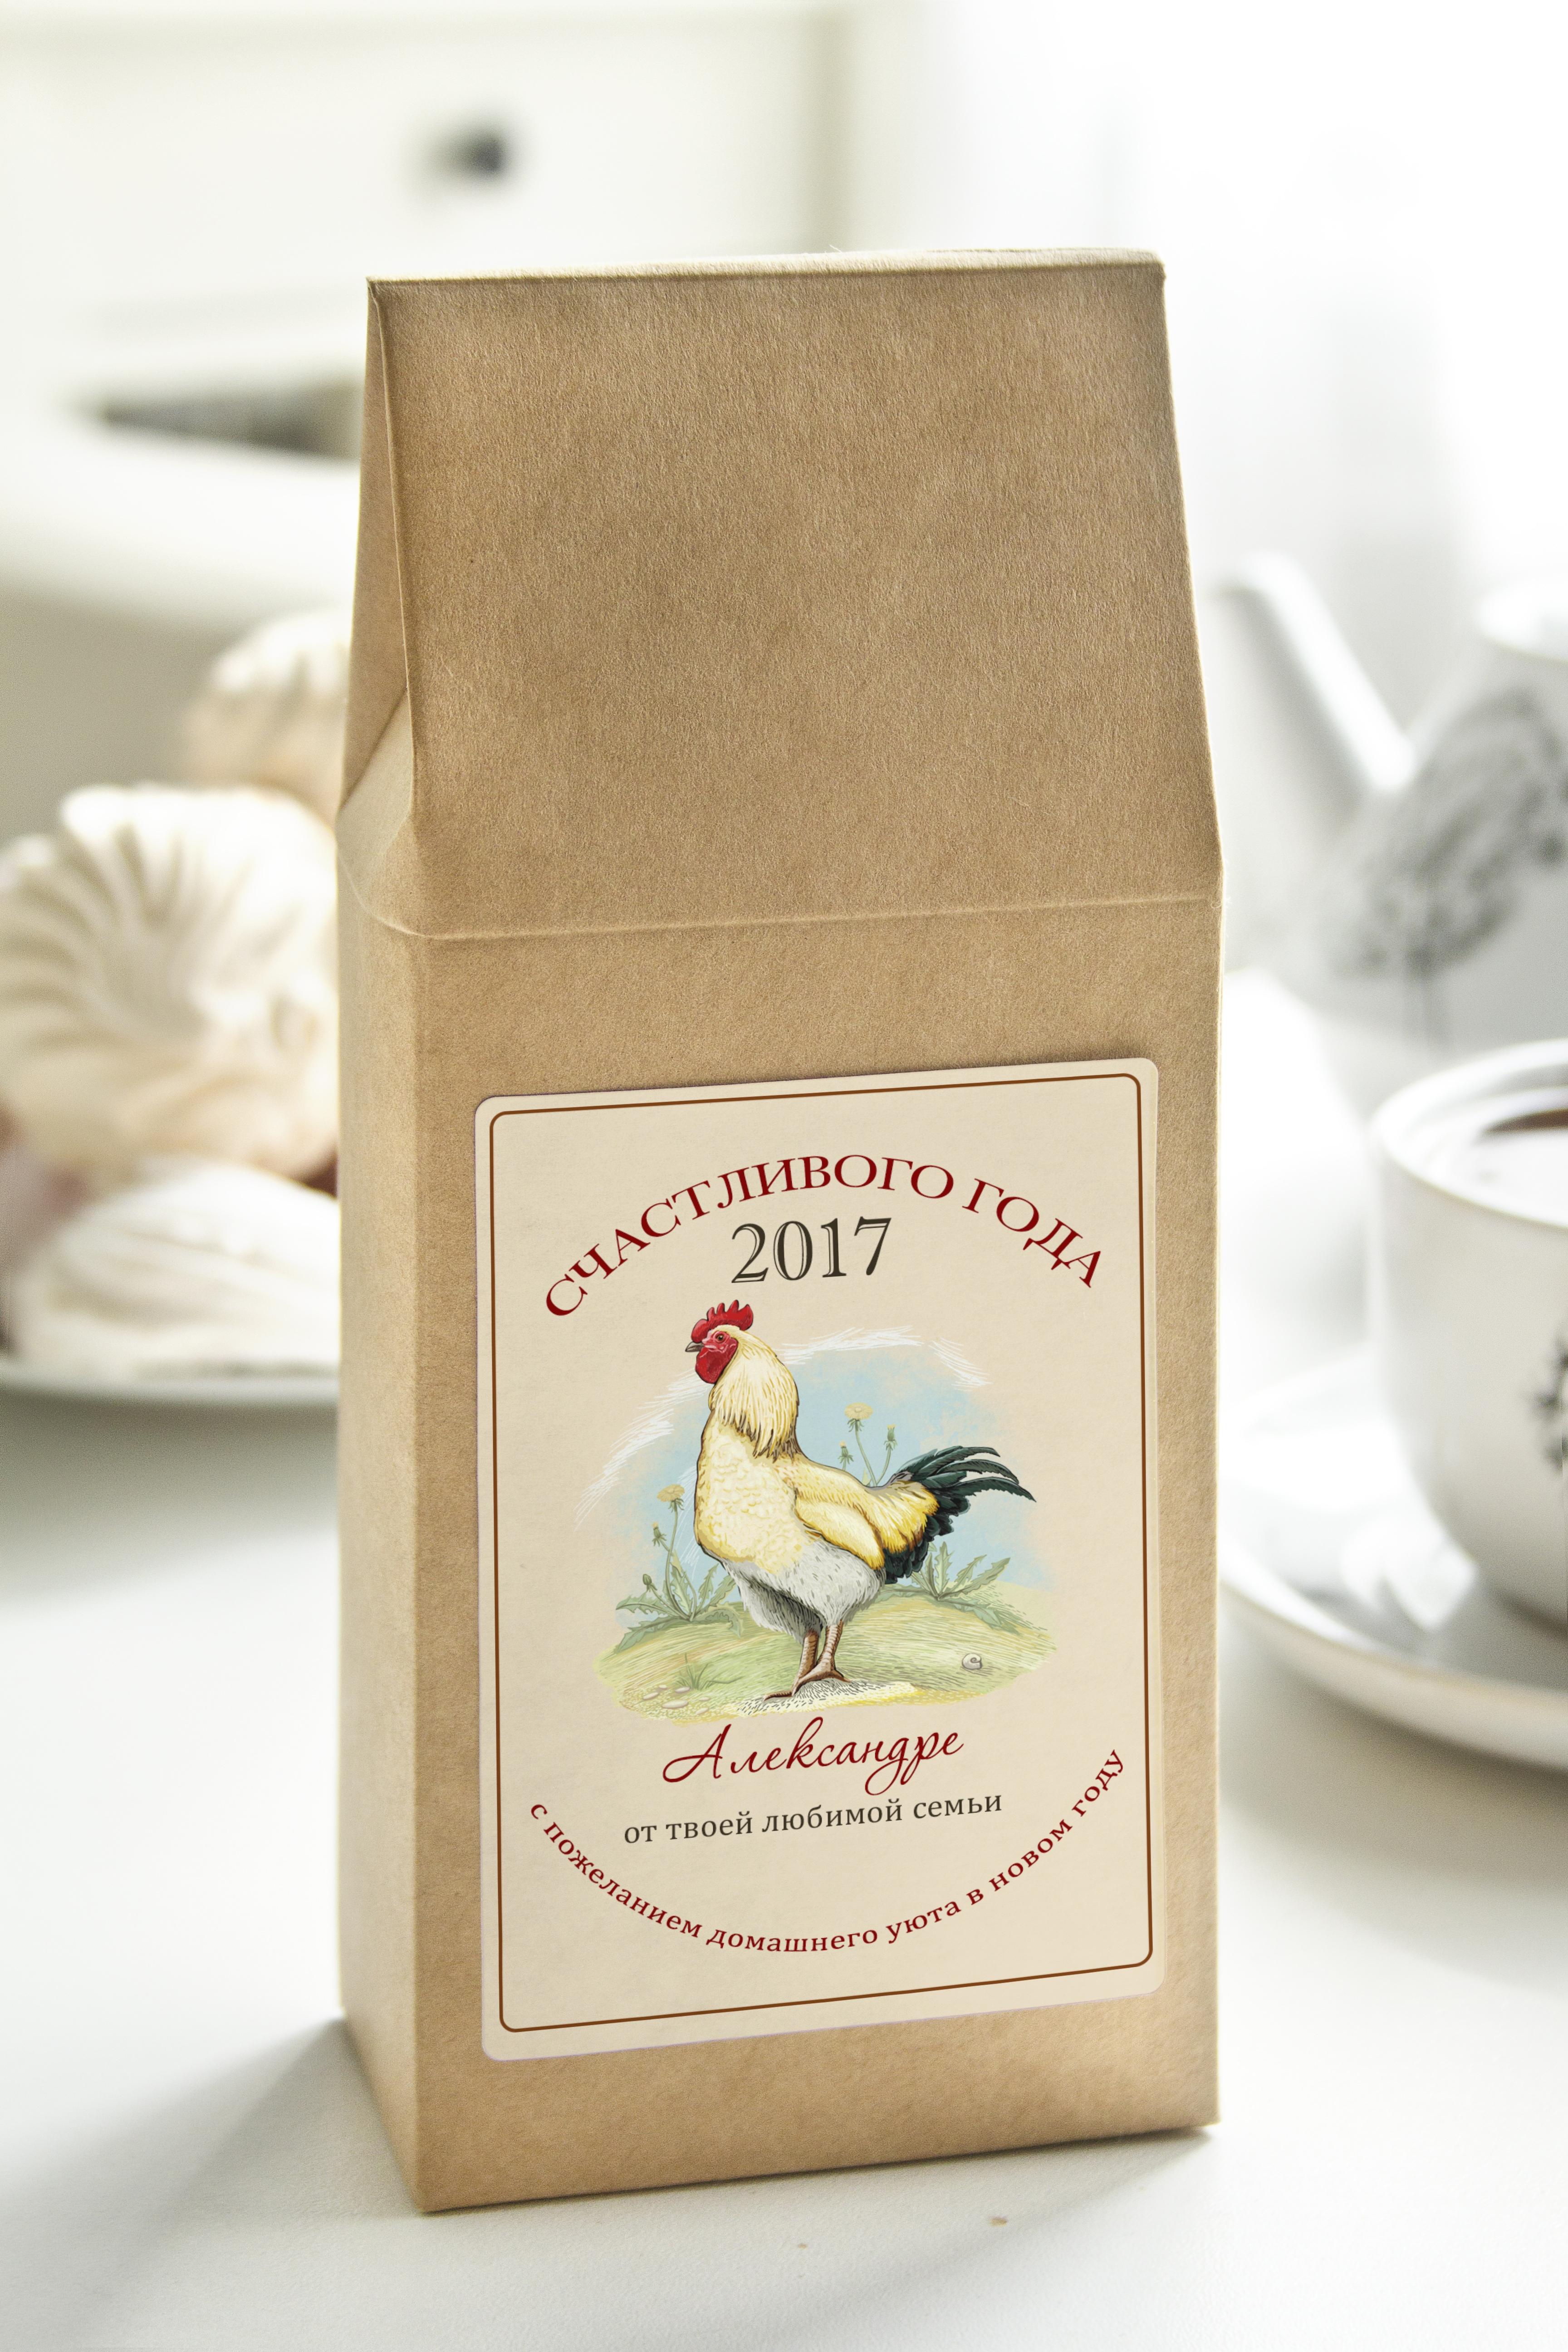 Чай с Вашим именем Кантри годСувениры и упаковка<br>Чай чёрный, 100г. В персональной именной упаковке с Вашими пожеланиями<br>